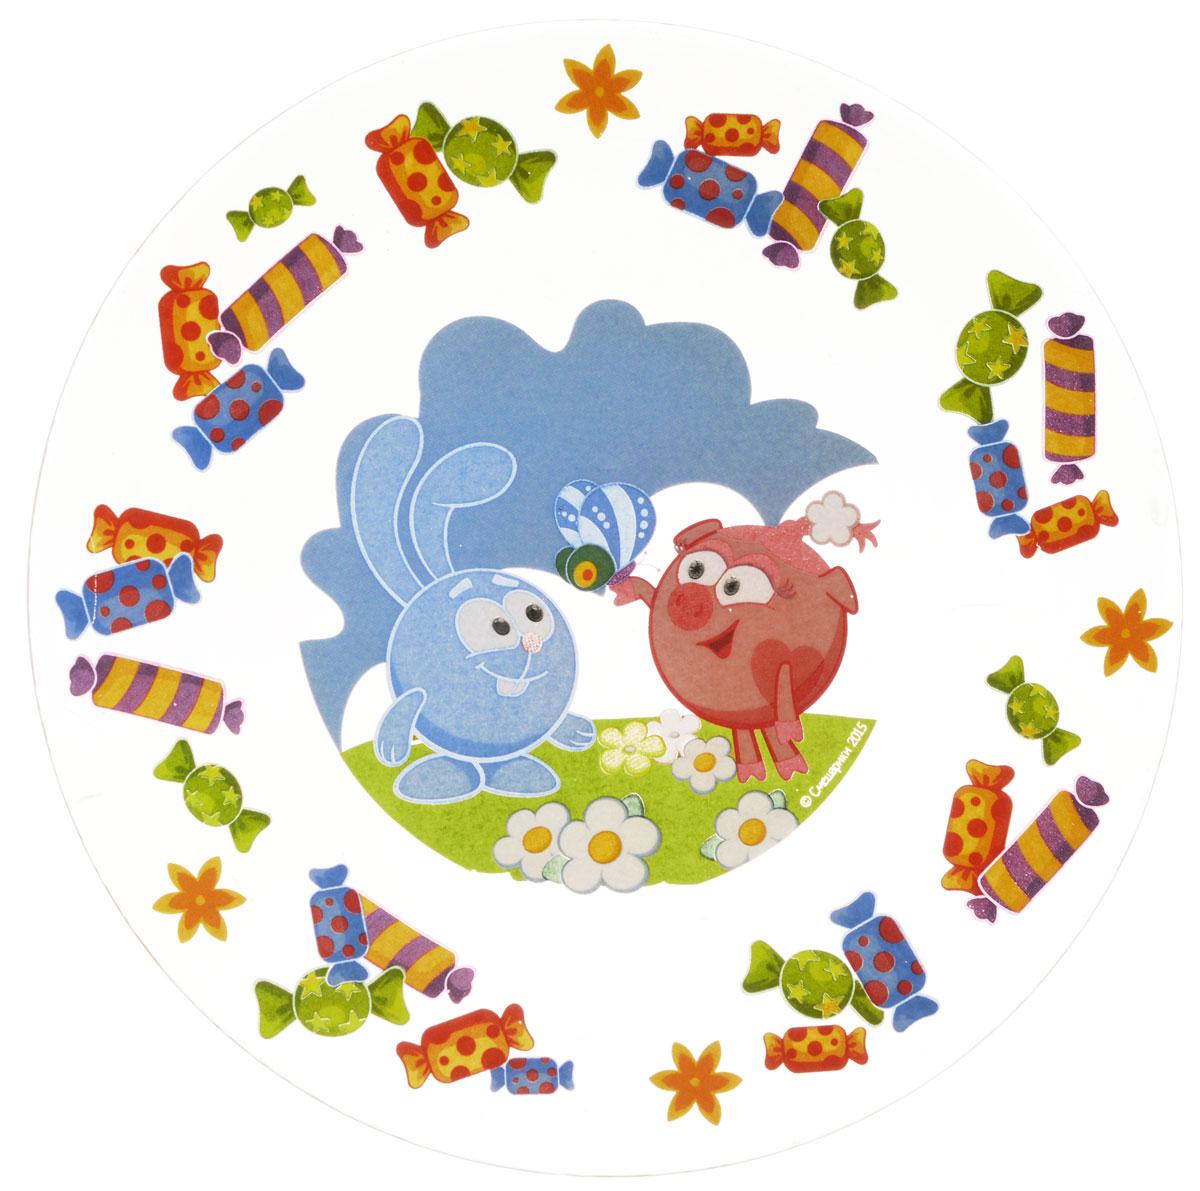 Смешарики Тарелка детская Конфеты диаметр 19,5 смСШТ195-1Яркая тарелка Смешарики Конфеты идеально подойдет для кормления малыша и самостоятельного приема им пищи. Тарелка выполнена из стекла и оформлена высококачественным изображением героев мультсериала Смешарики. Такой подарок станет не только приятным, но и практичным сувениром, добавит ярких эмоций вашему ребенку!Можно использовать в посудомоечной машине и использовать в СВЧ-печи.